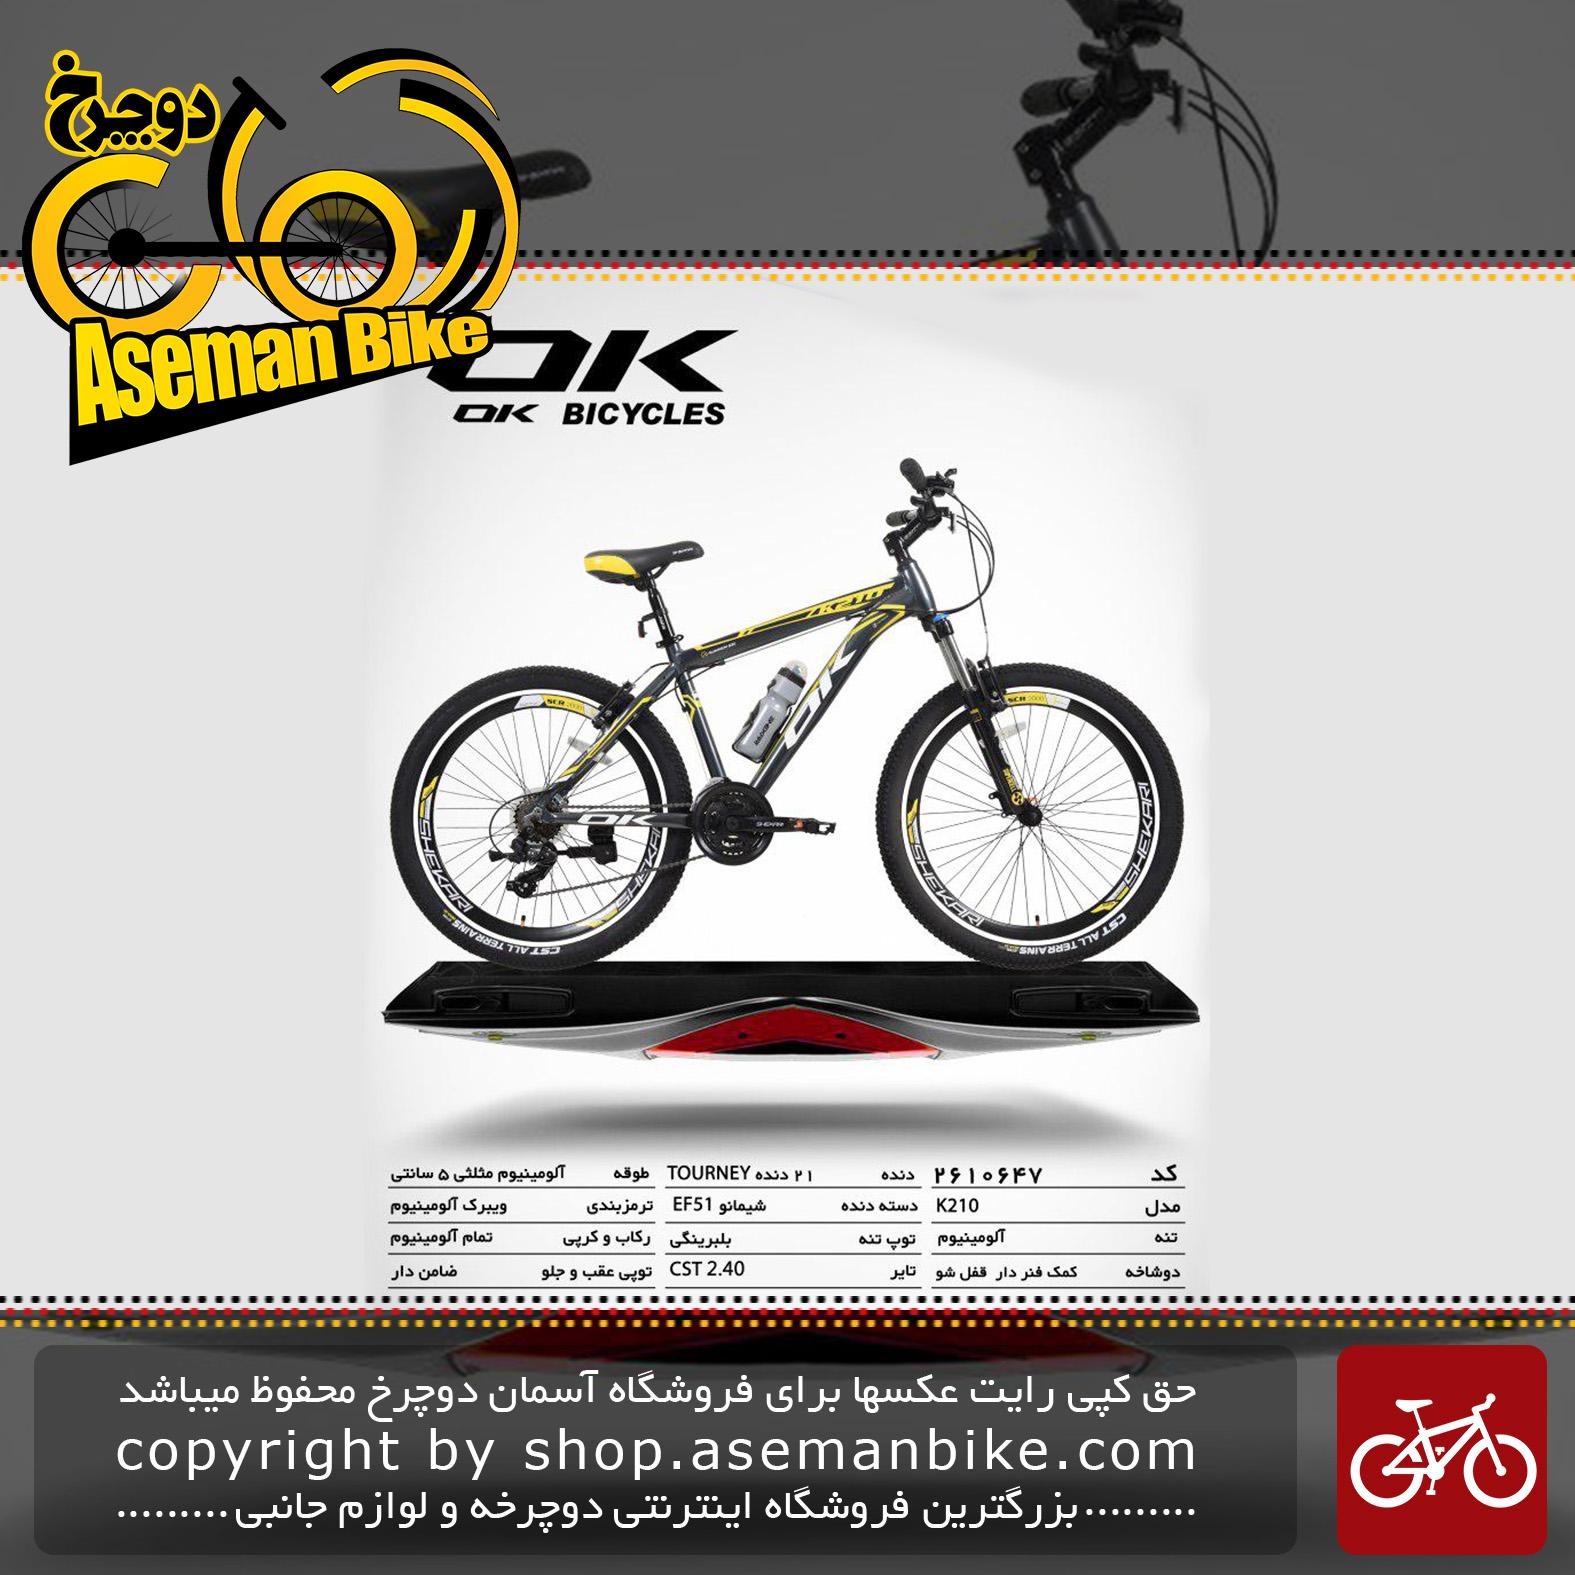 دوچرخه کوهستان شهری اوکی 21 دنده مدل کا 210 21 دنده سایز 24 ساخت تایوان OK Mountain City Bicycle Taiwan K210 Size 26 2019